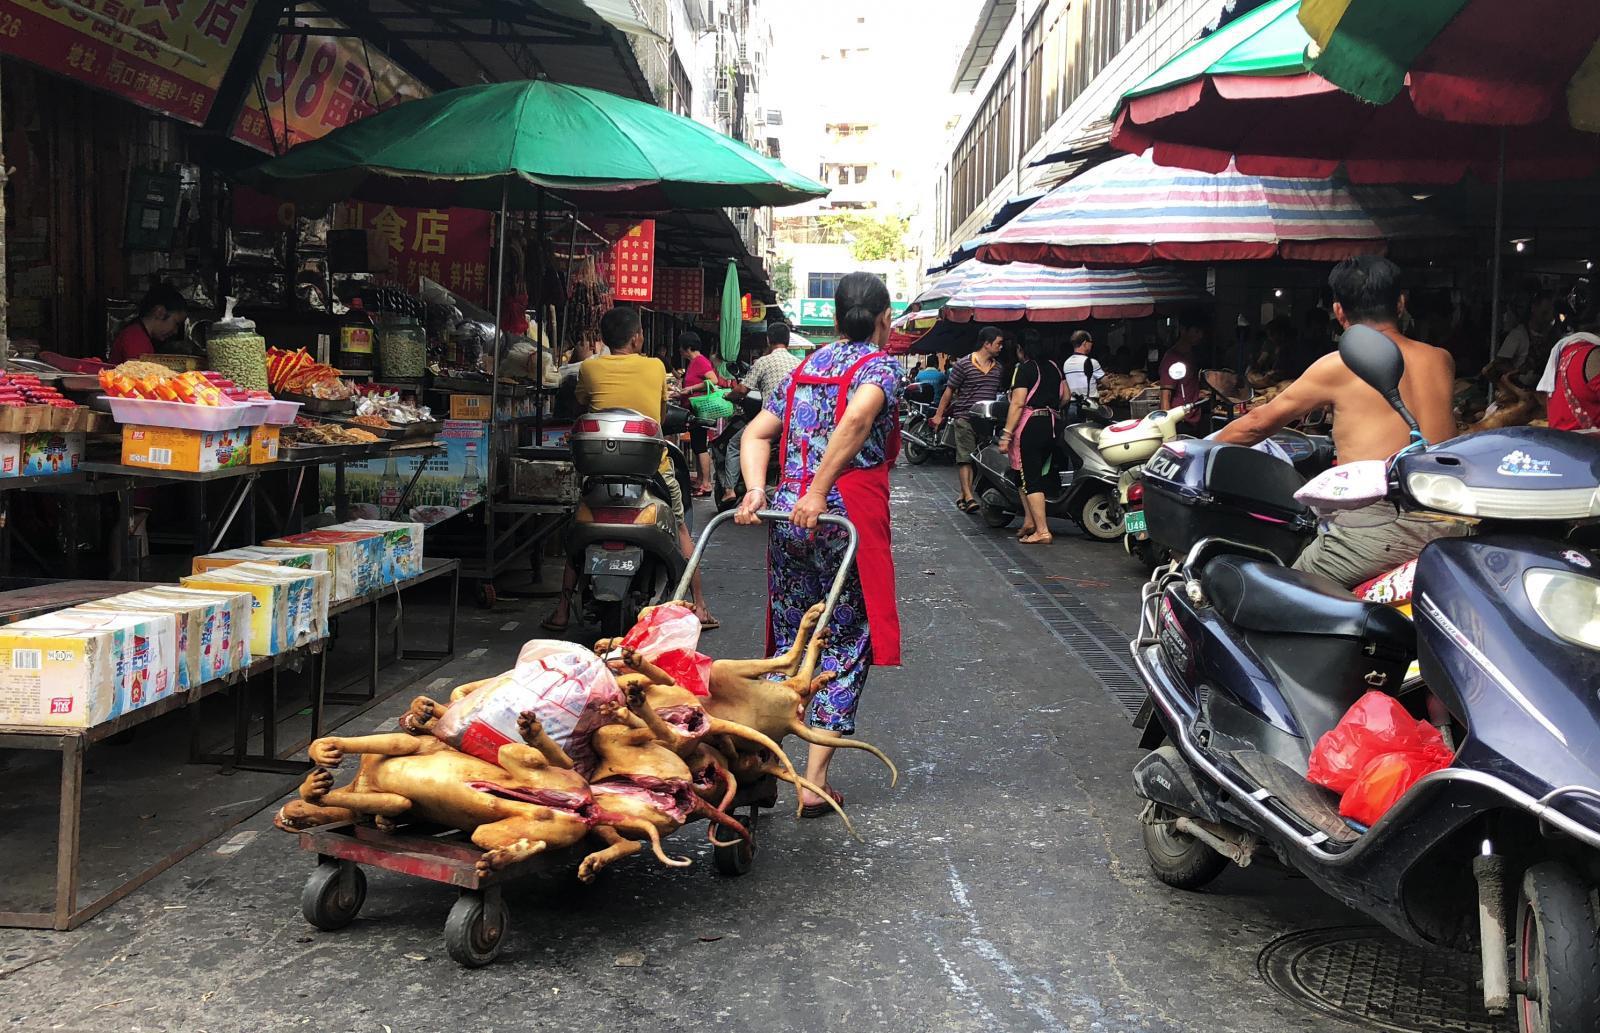 เมืองยูหลินในจีนยังคงจัดเทศกาลกินเนื้อสุนัข ไม่สน โควิด-19